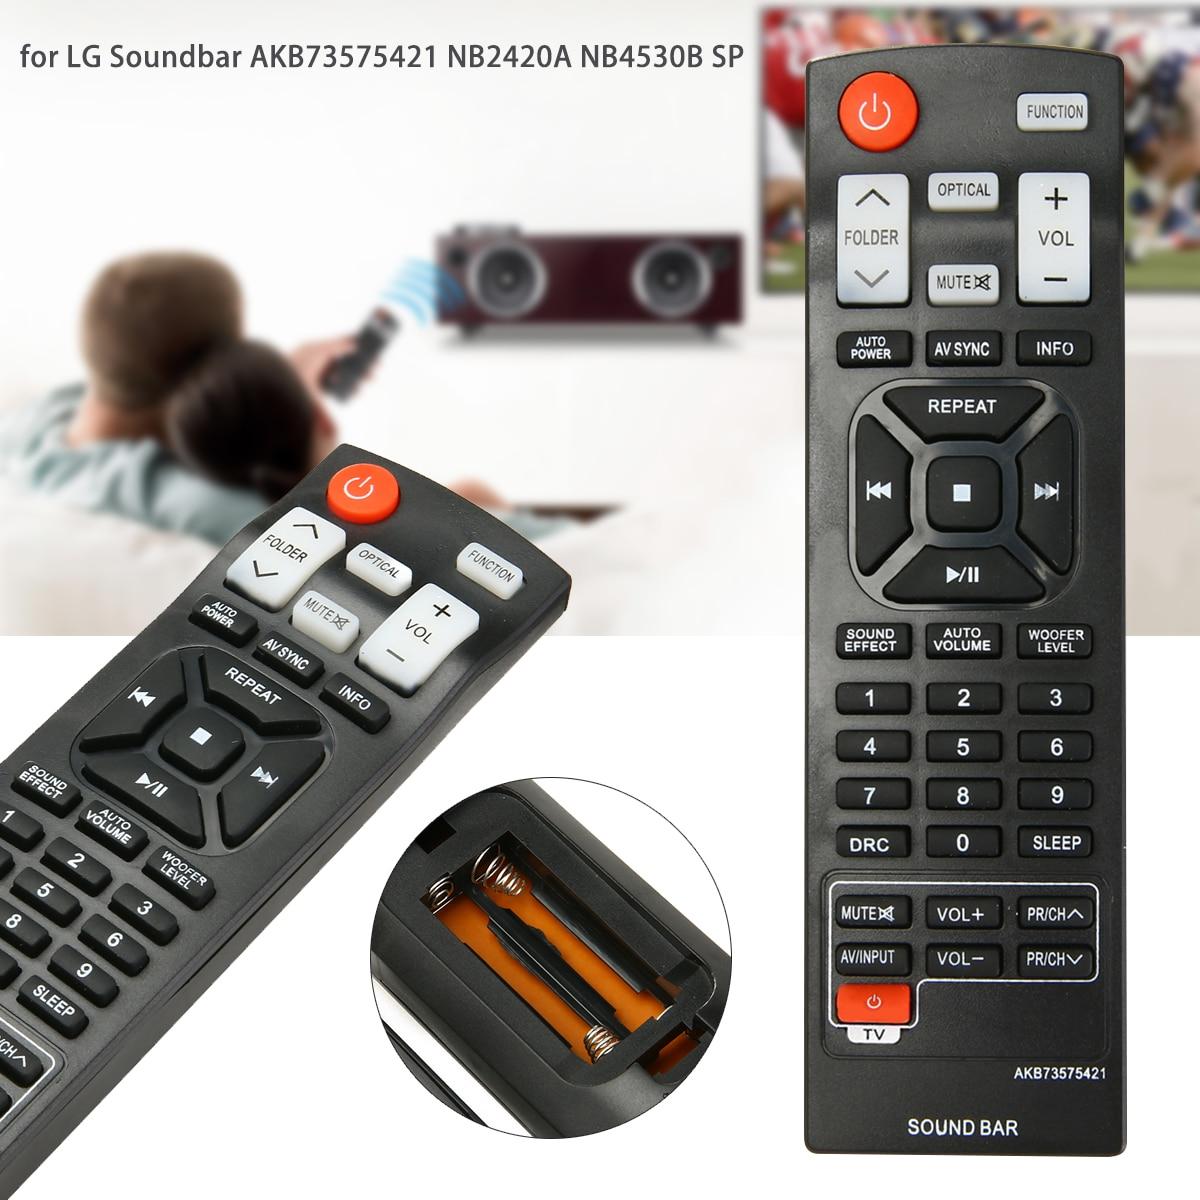 Lg Nb2420a Soundbar - Keep Shopping Online